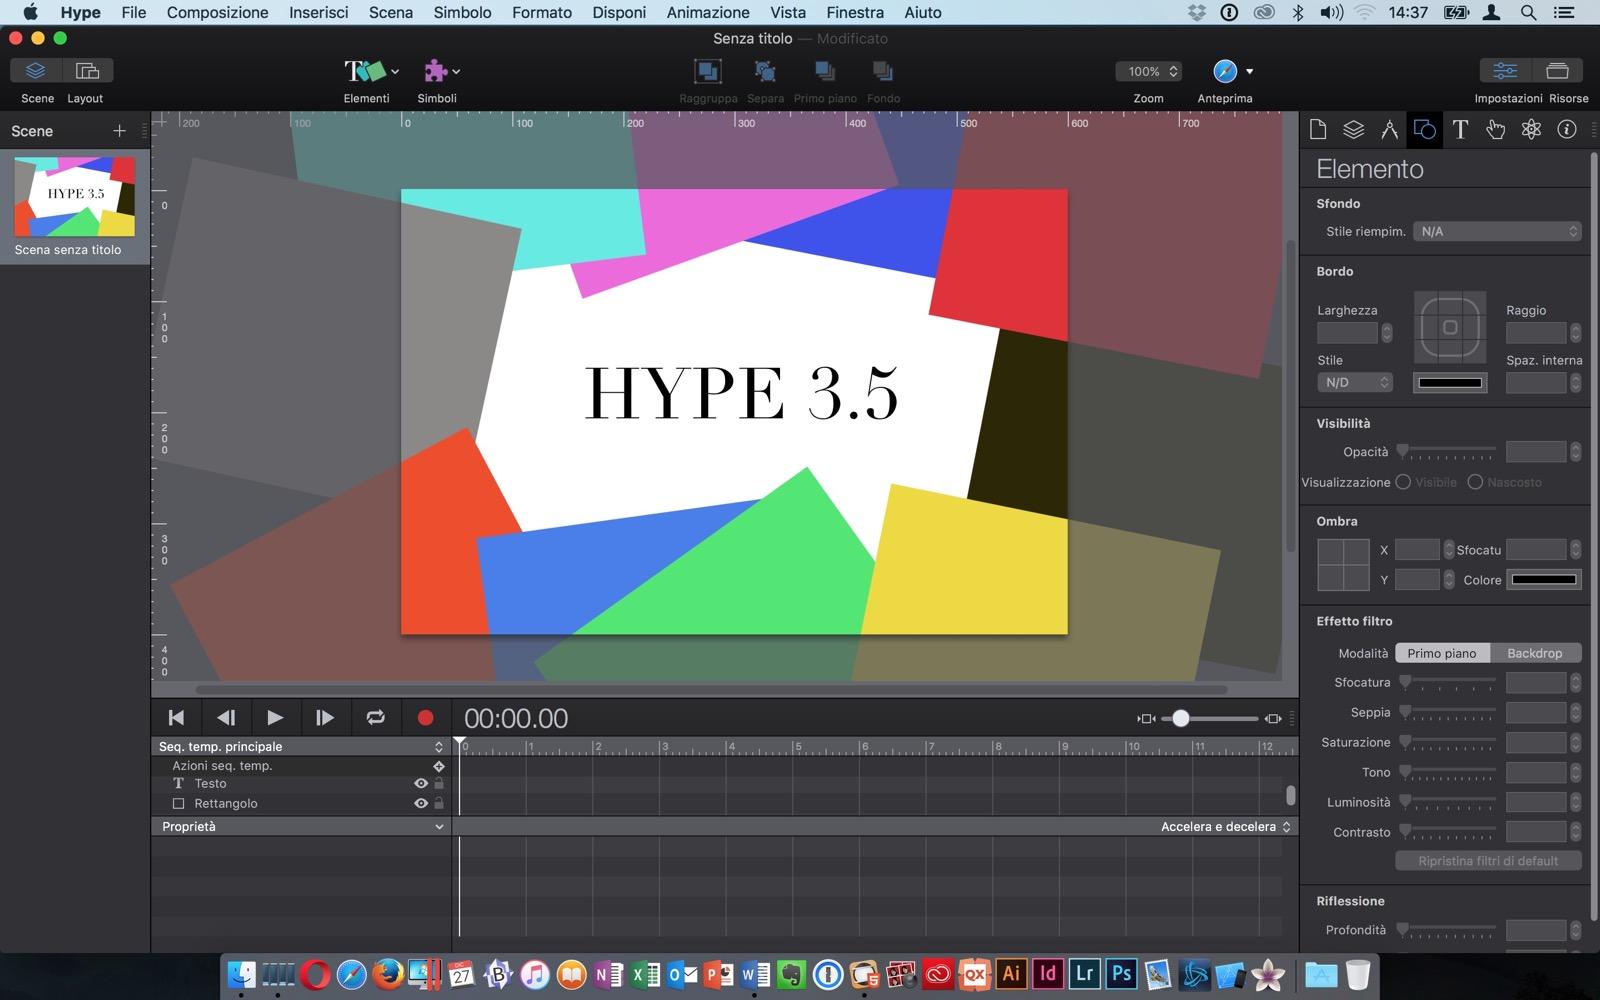 L'interfaccia di Hype 3.5, qui in versione Pro